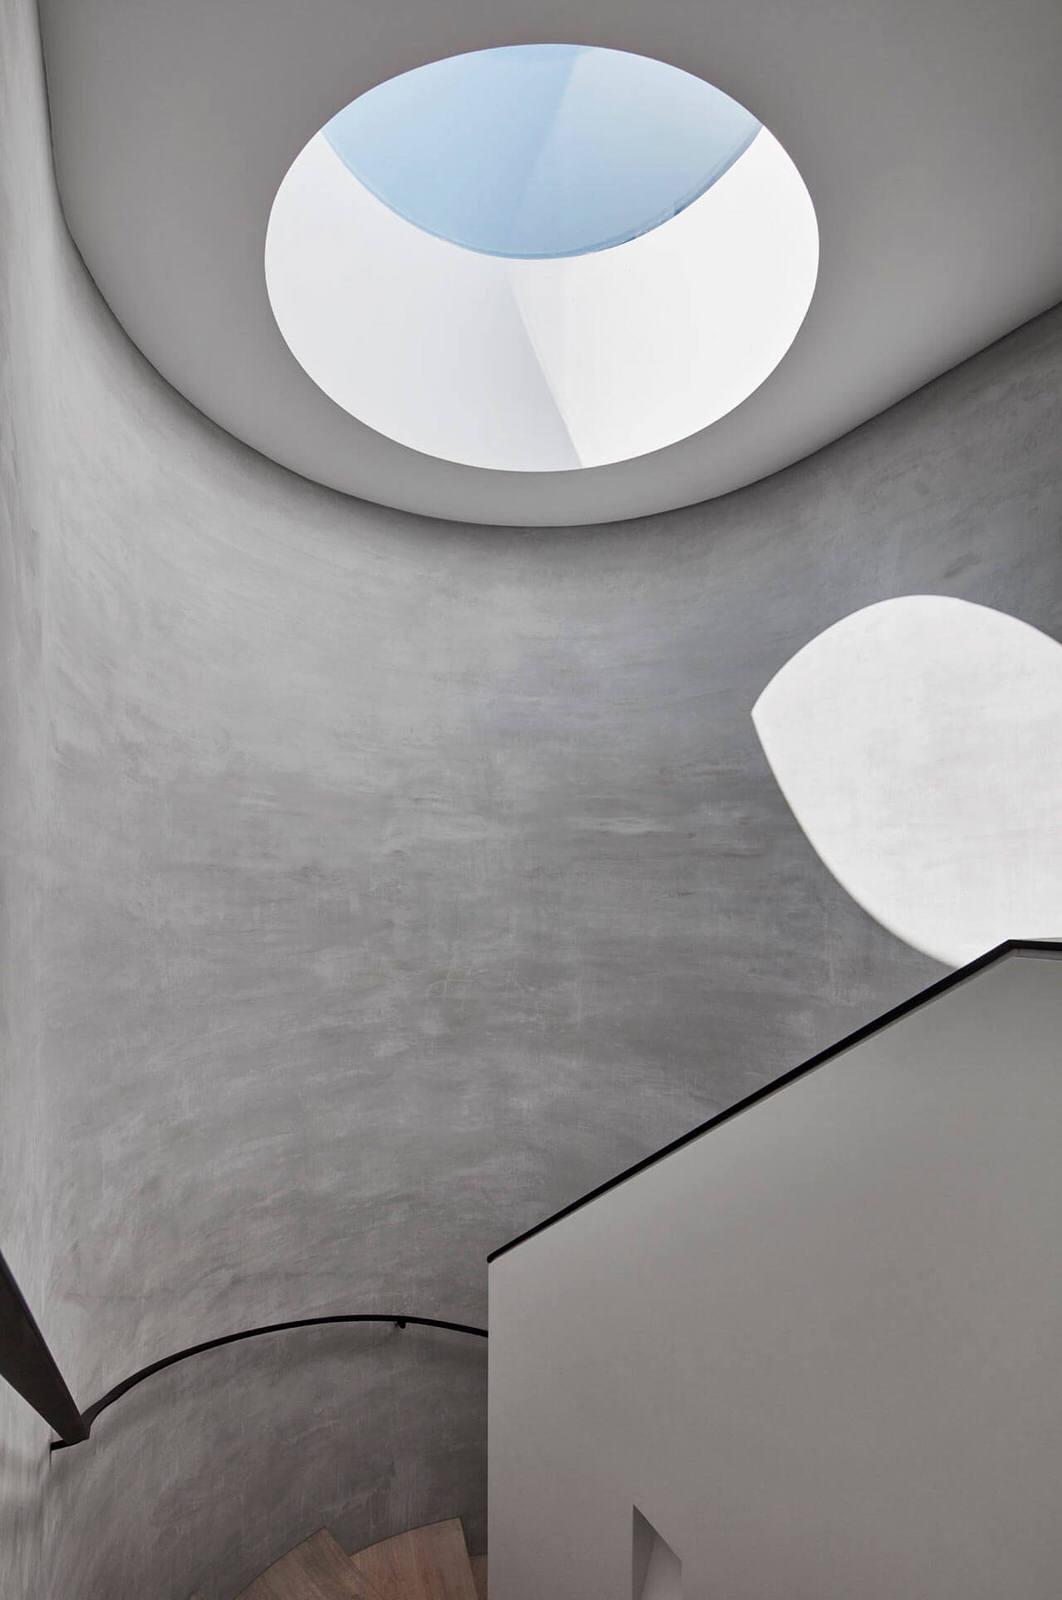 schody zabiegowe ze świetlikiem w dachu